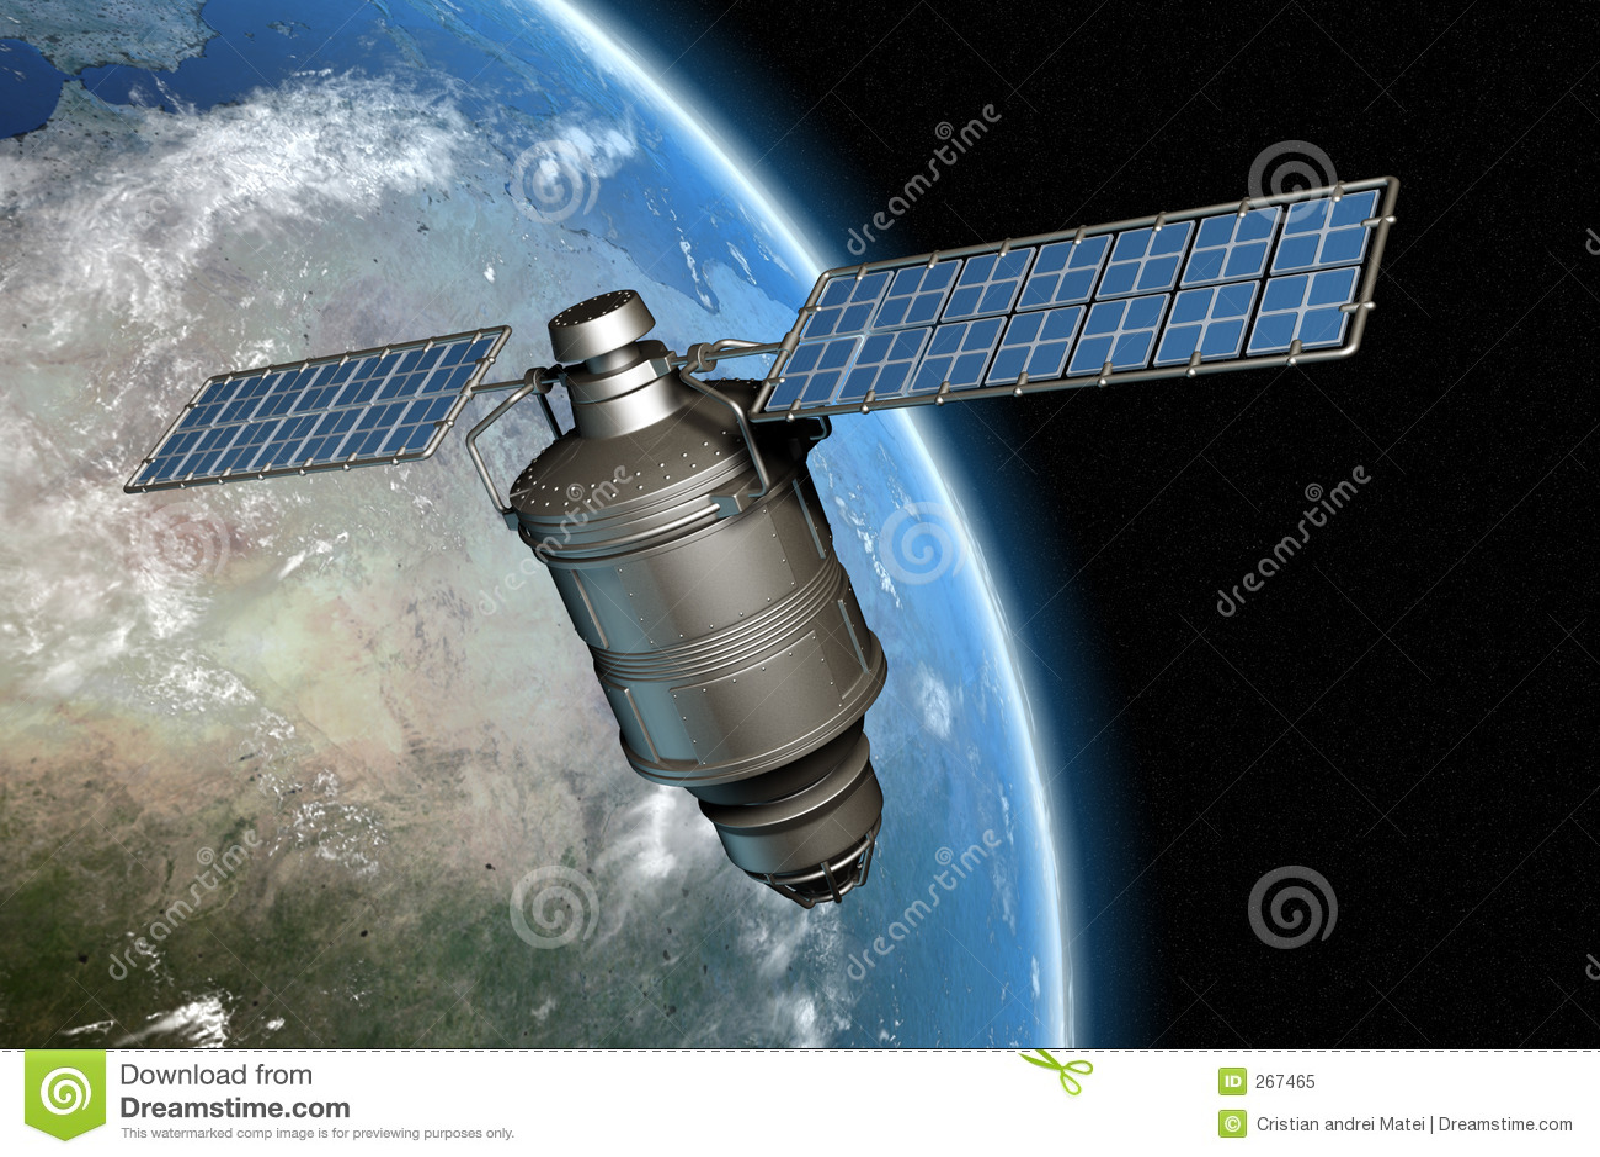 Satelitte und Erde 11